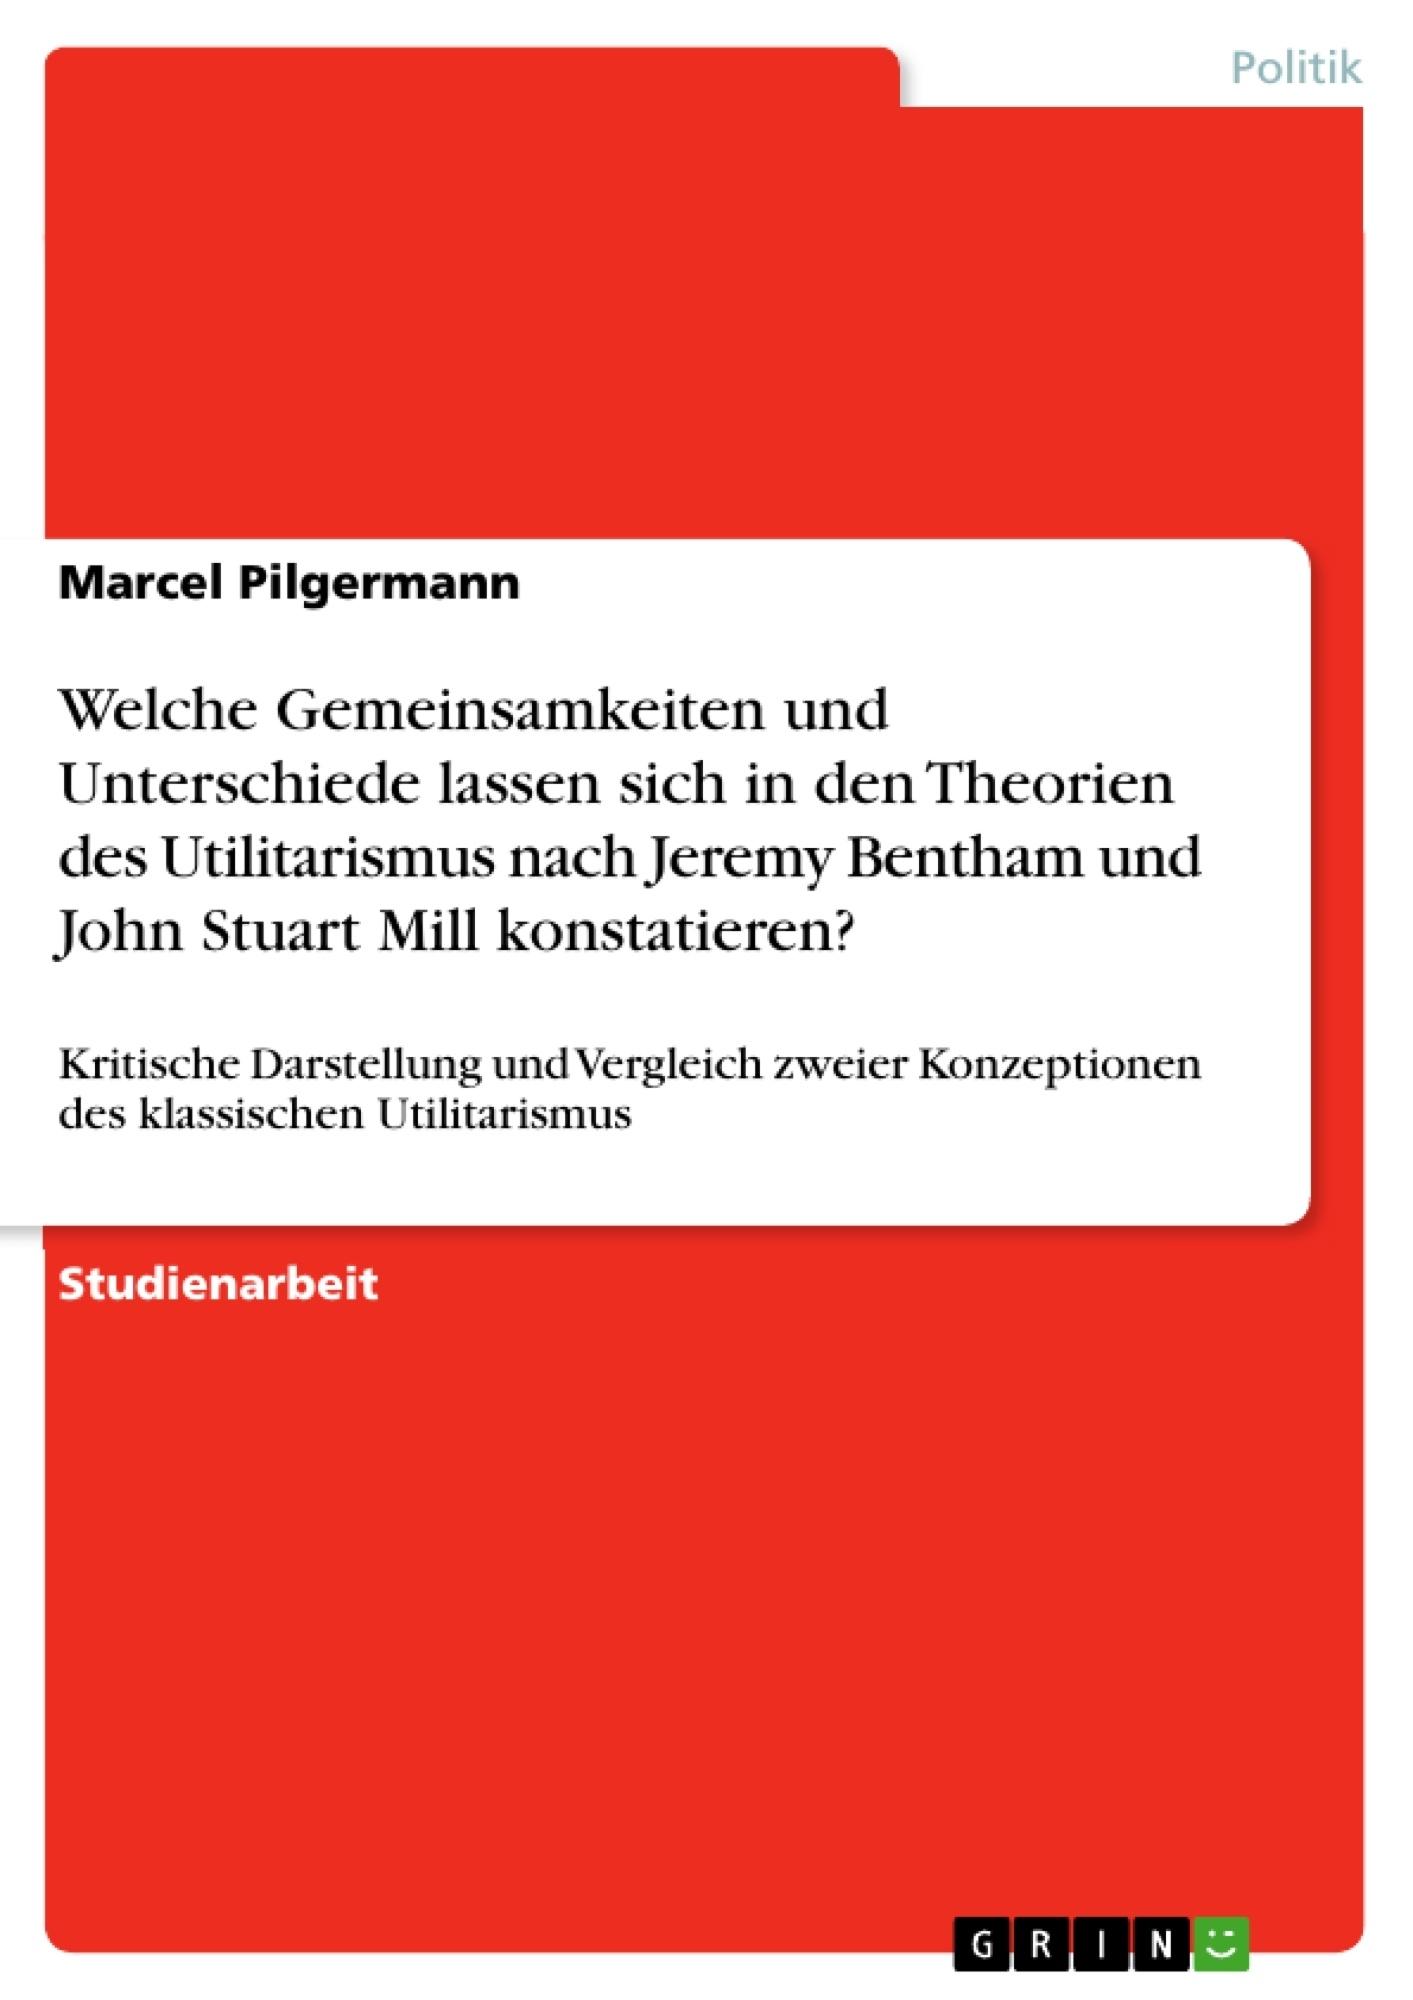 Titel: Welche Gemeinsamkeiten und Unterschiede lassen sich in den Theorien des Utilitarismus nach Jeremy Bentham und John Stuart Mill konstatieren?